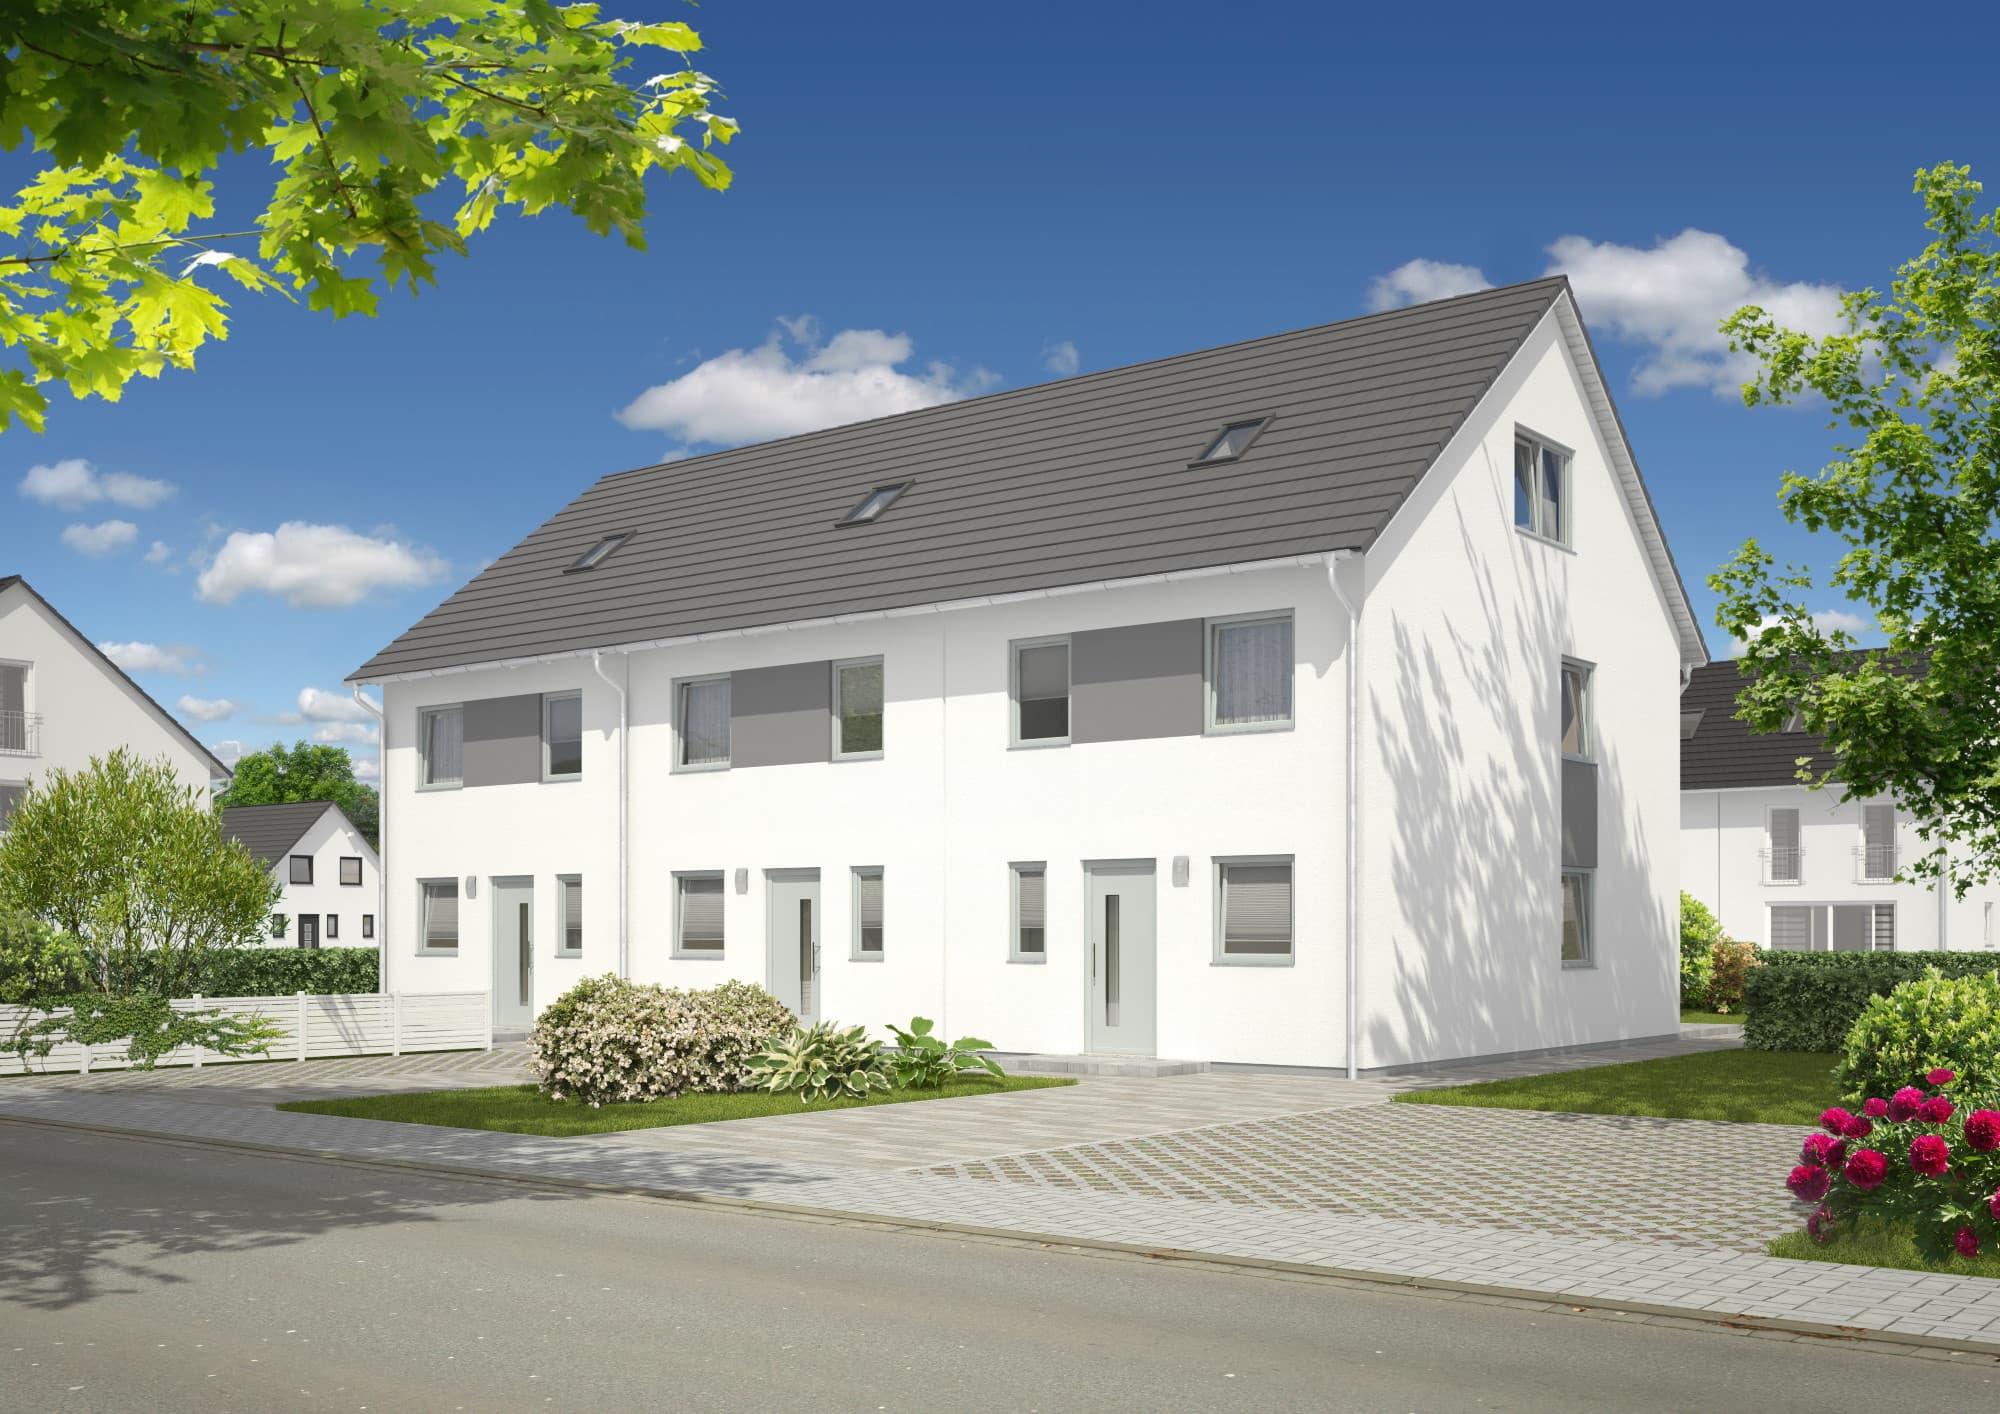 Reihenhaus Neubau mit Satteldach Architektur - Massivhaus bauen Ideen Town Country Haus Mainz 128 Elegance - HausbauDirekt.de